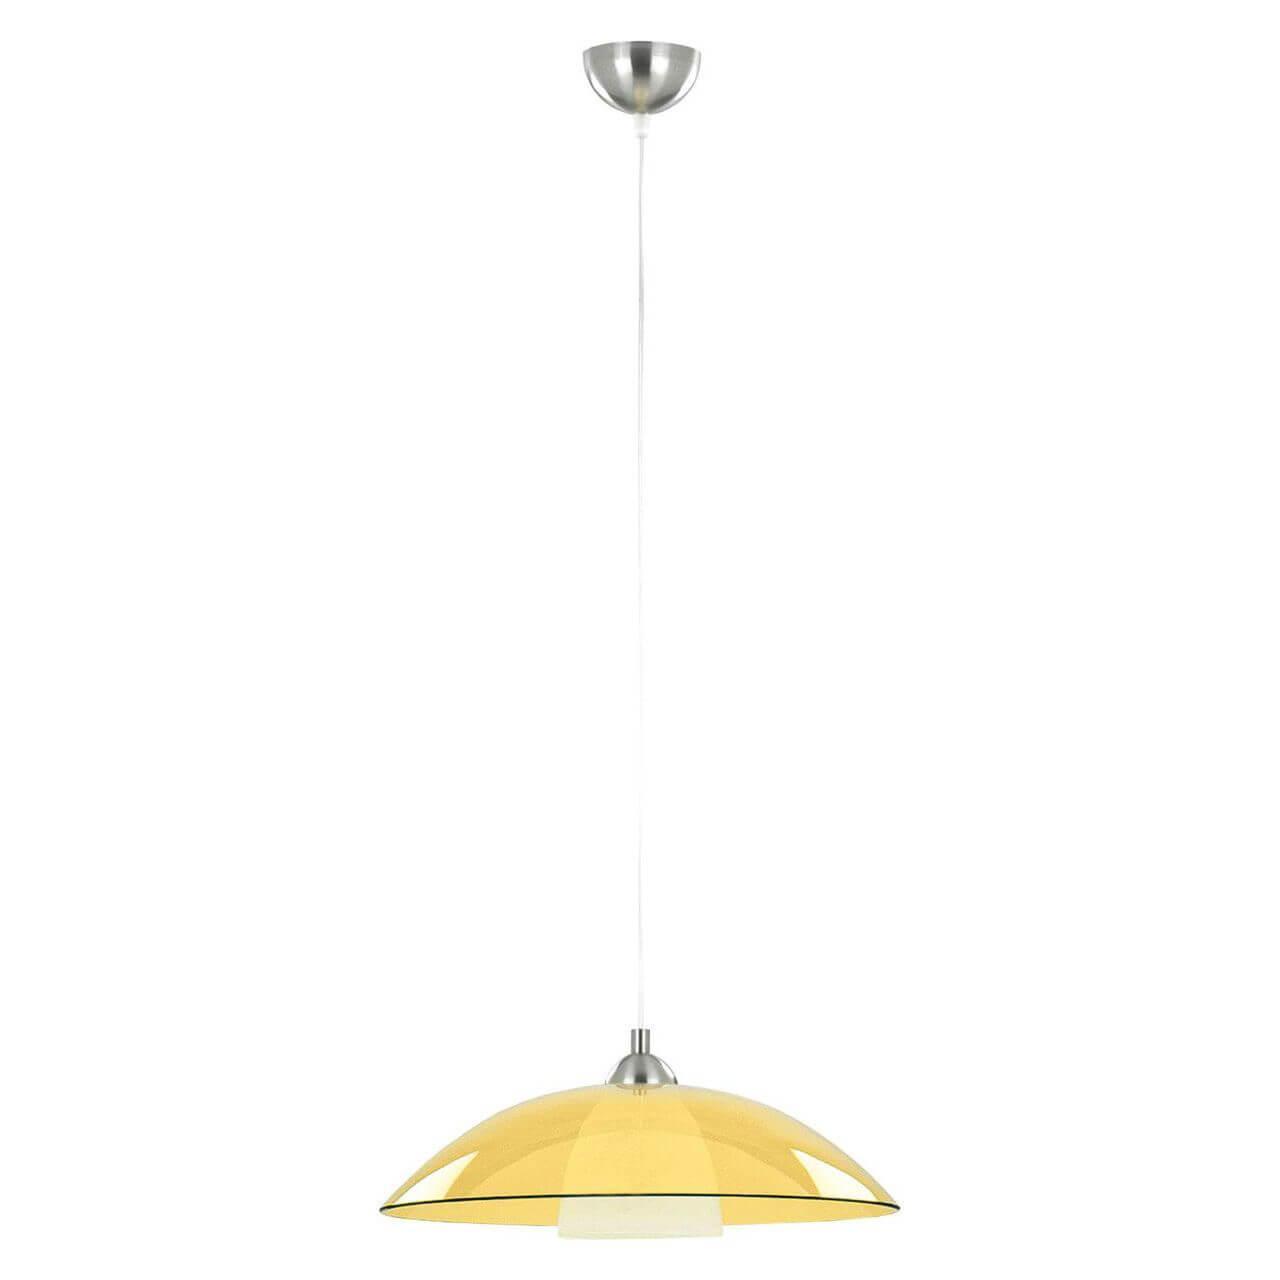 цена на Подвесной светильник Alfa 10197, E27, 60 Вт